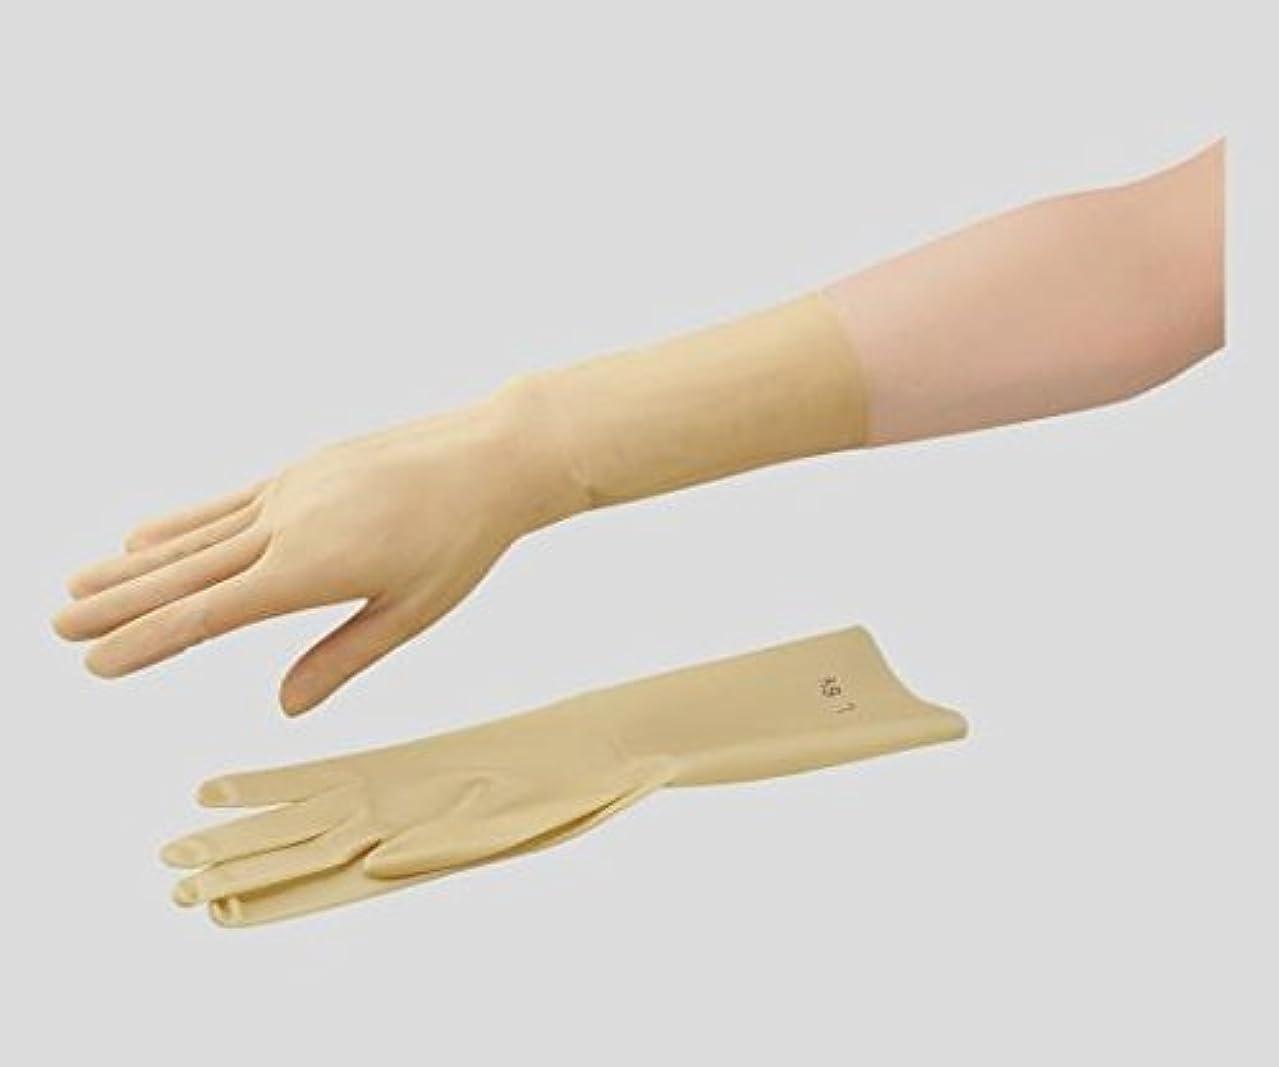 白内障遺棄された玉ねぎ東和コーポレーション2-8705-02ラテックス手袋15-7